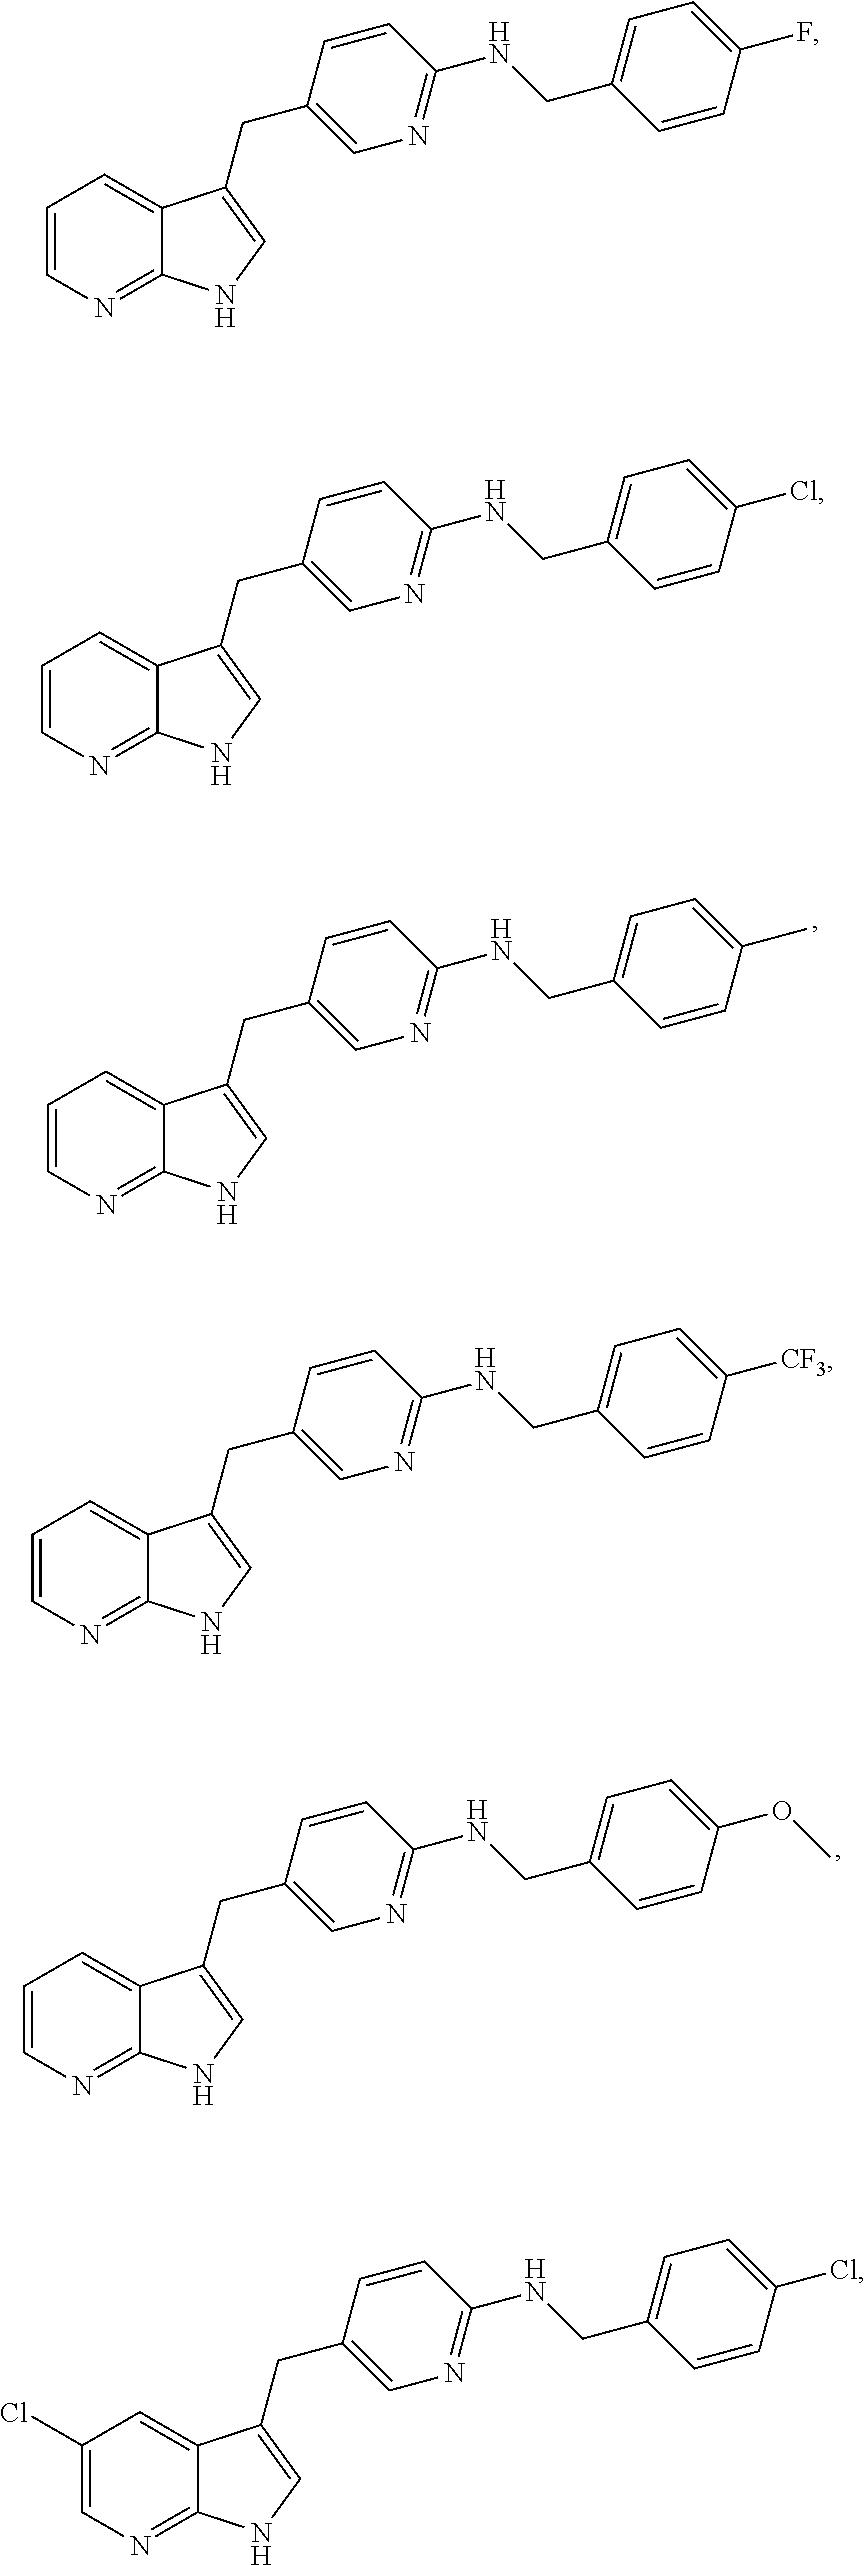 Figure US08404700-20130326-C00050